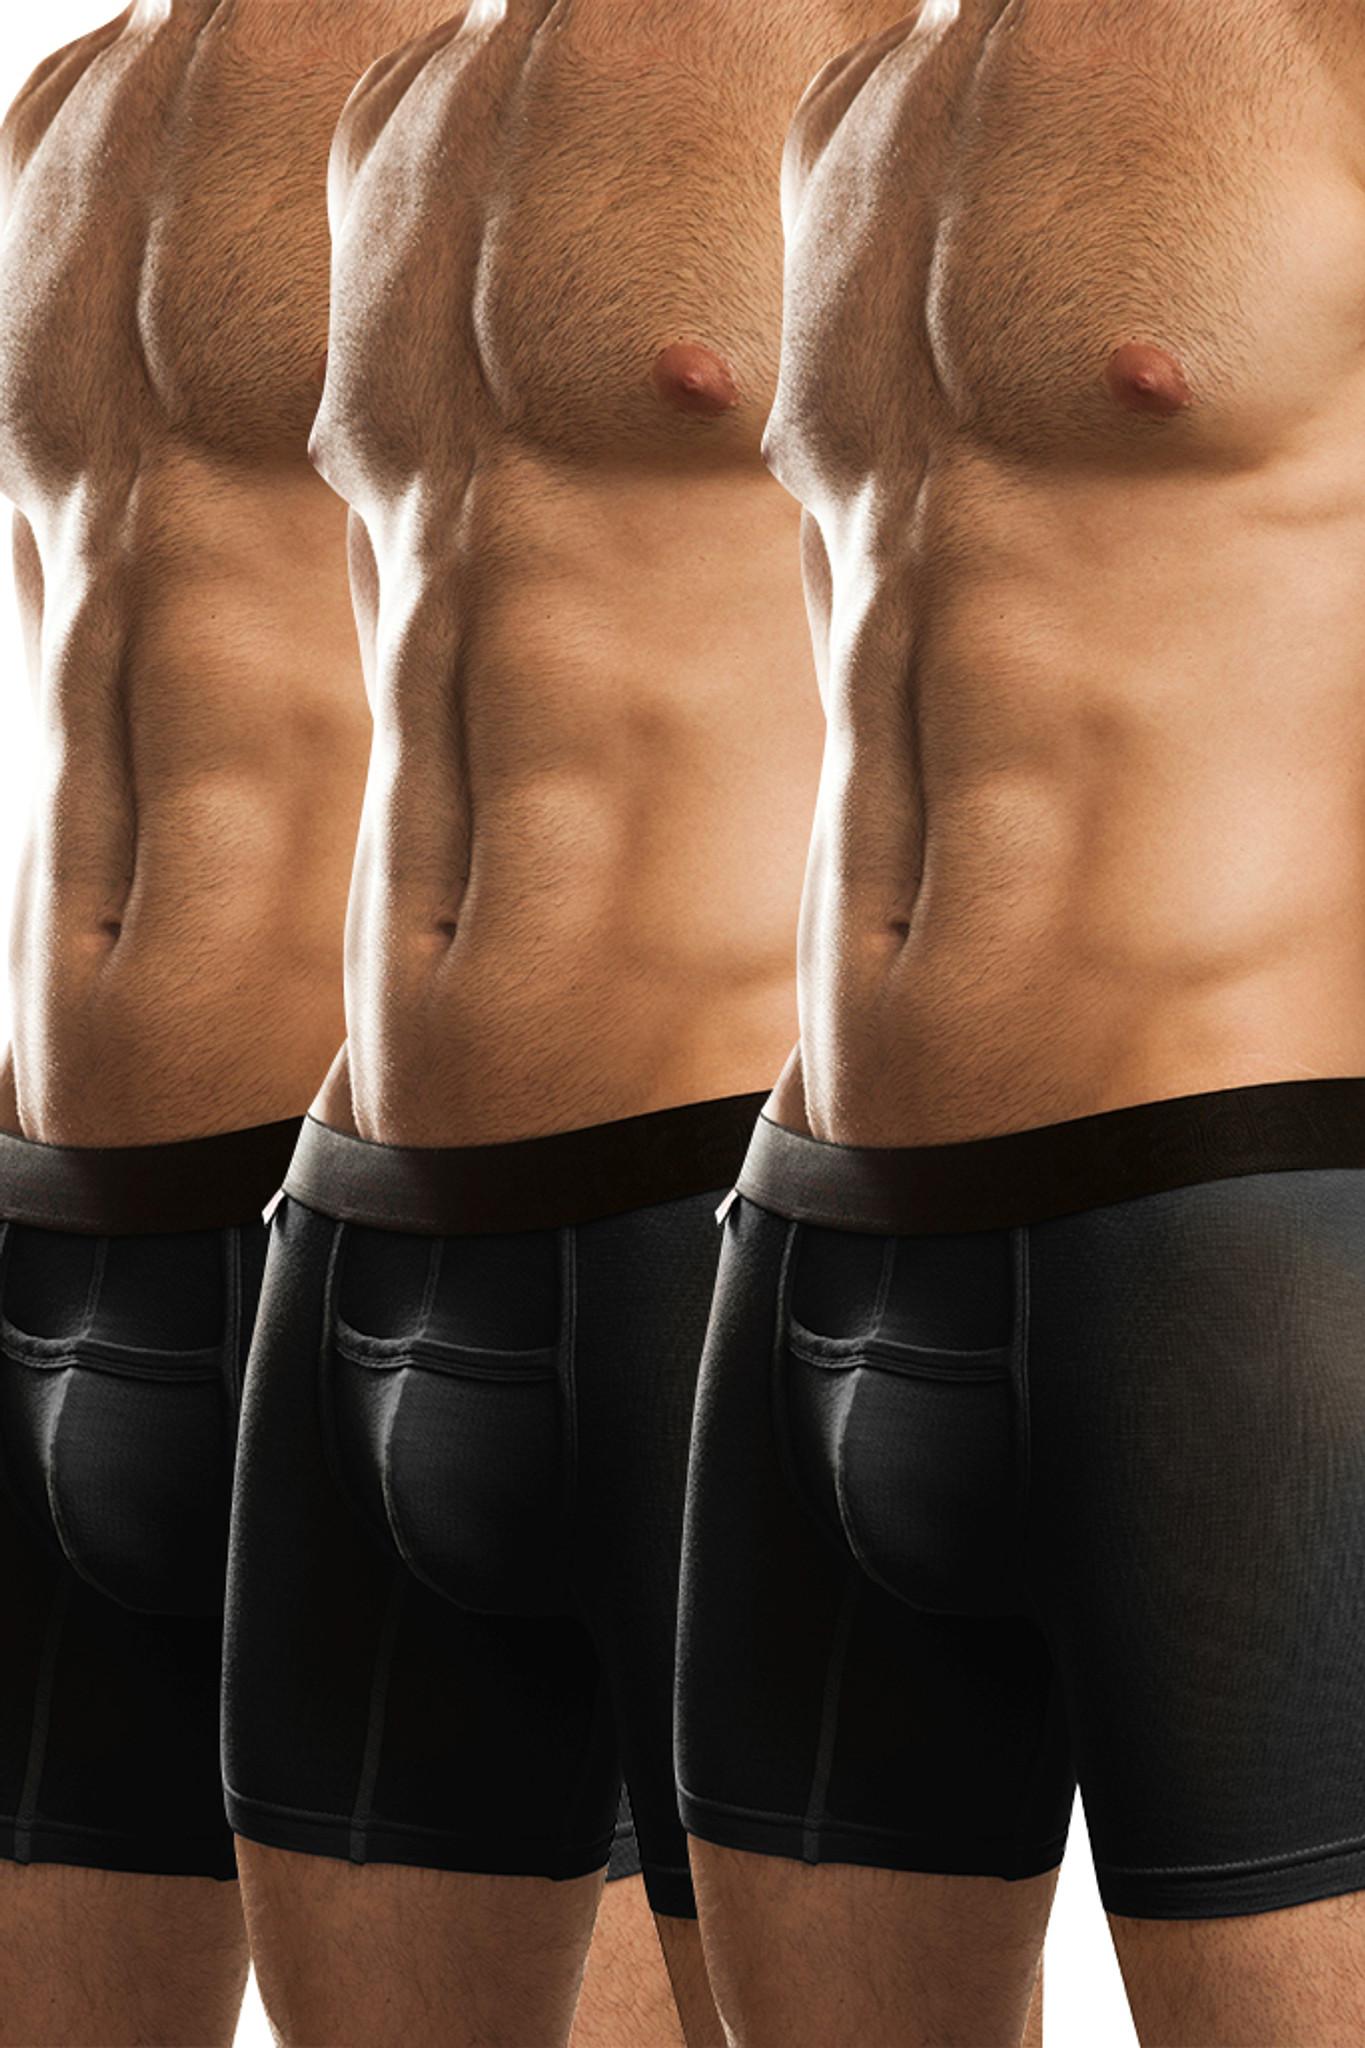 Jack Adams Naked Fit Boxer Brief Multi-Pack: Black (3)